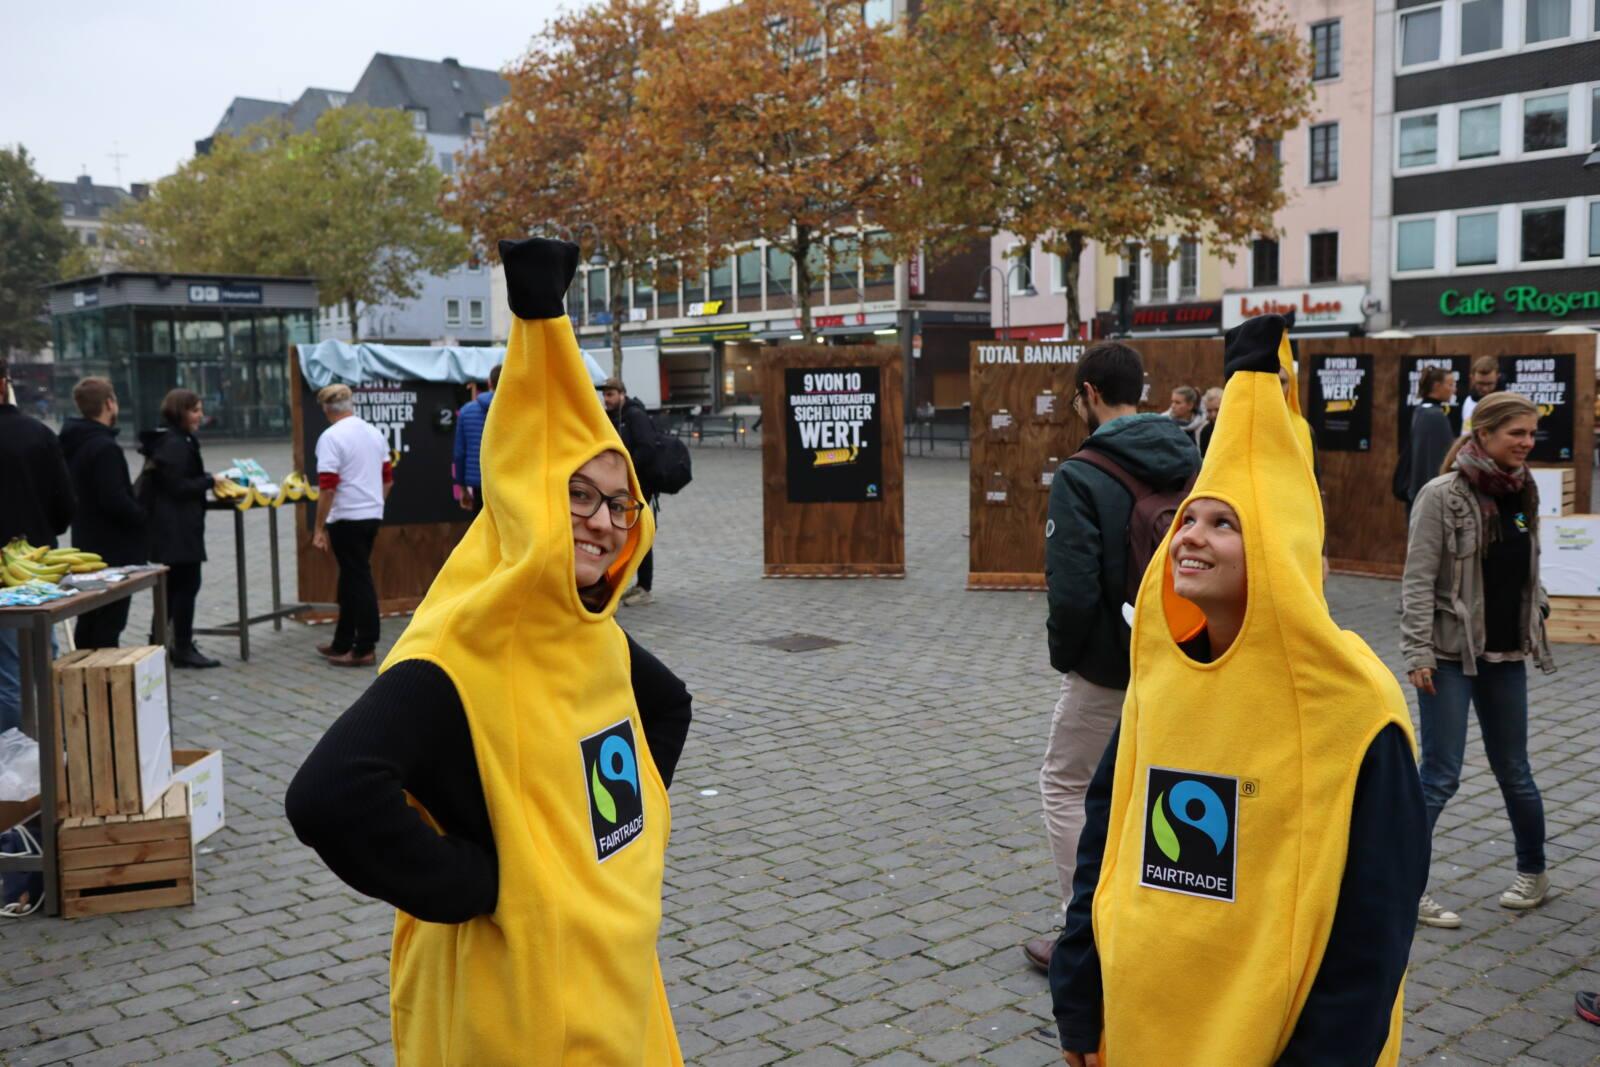 Ein Blick hinter die Kulissen von Fairtrade